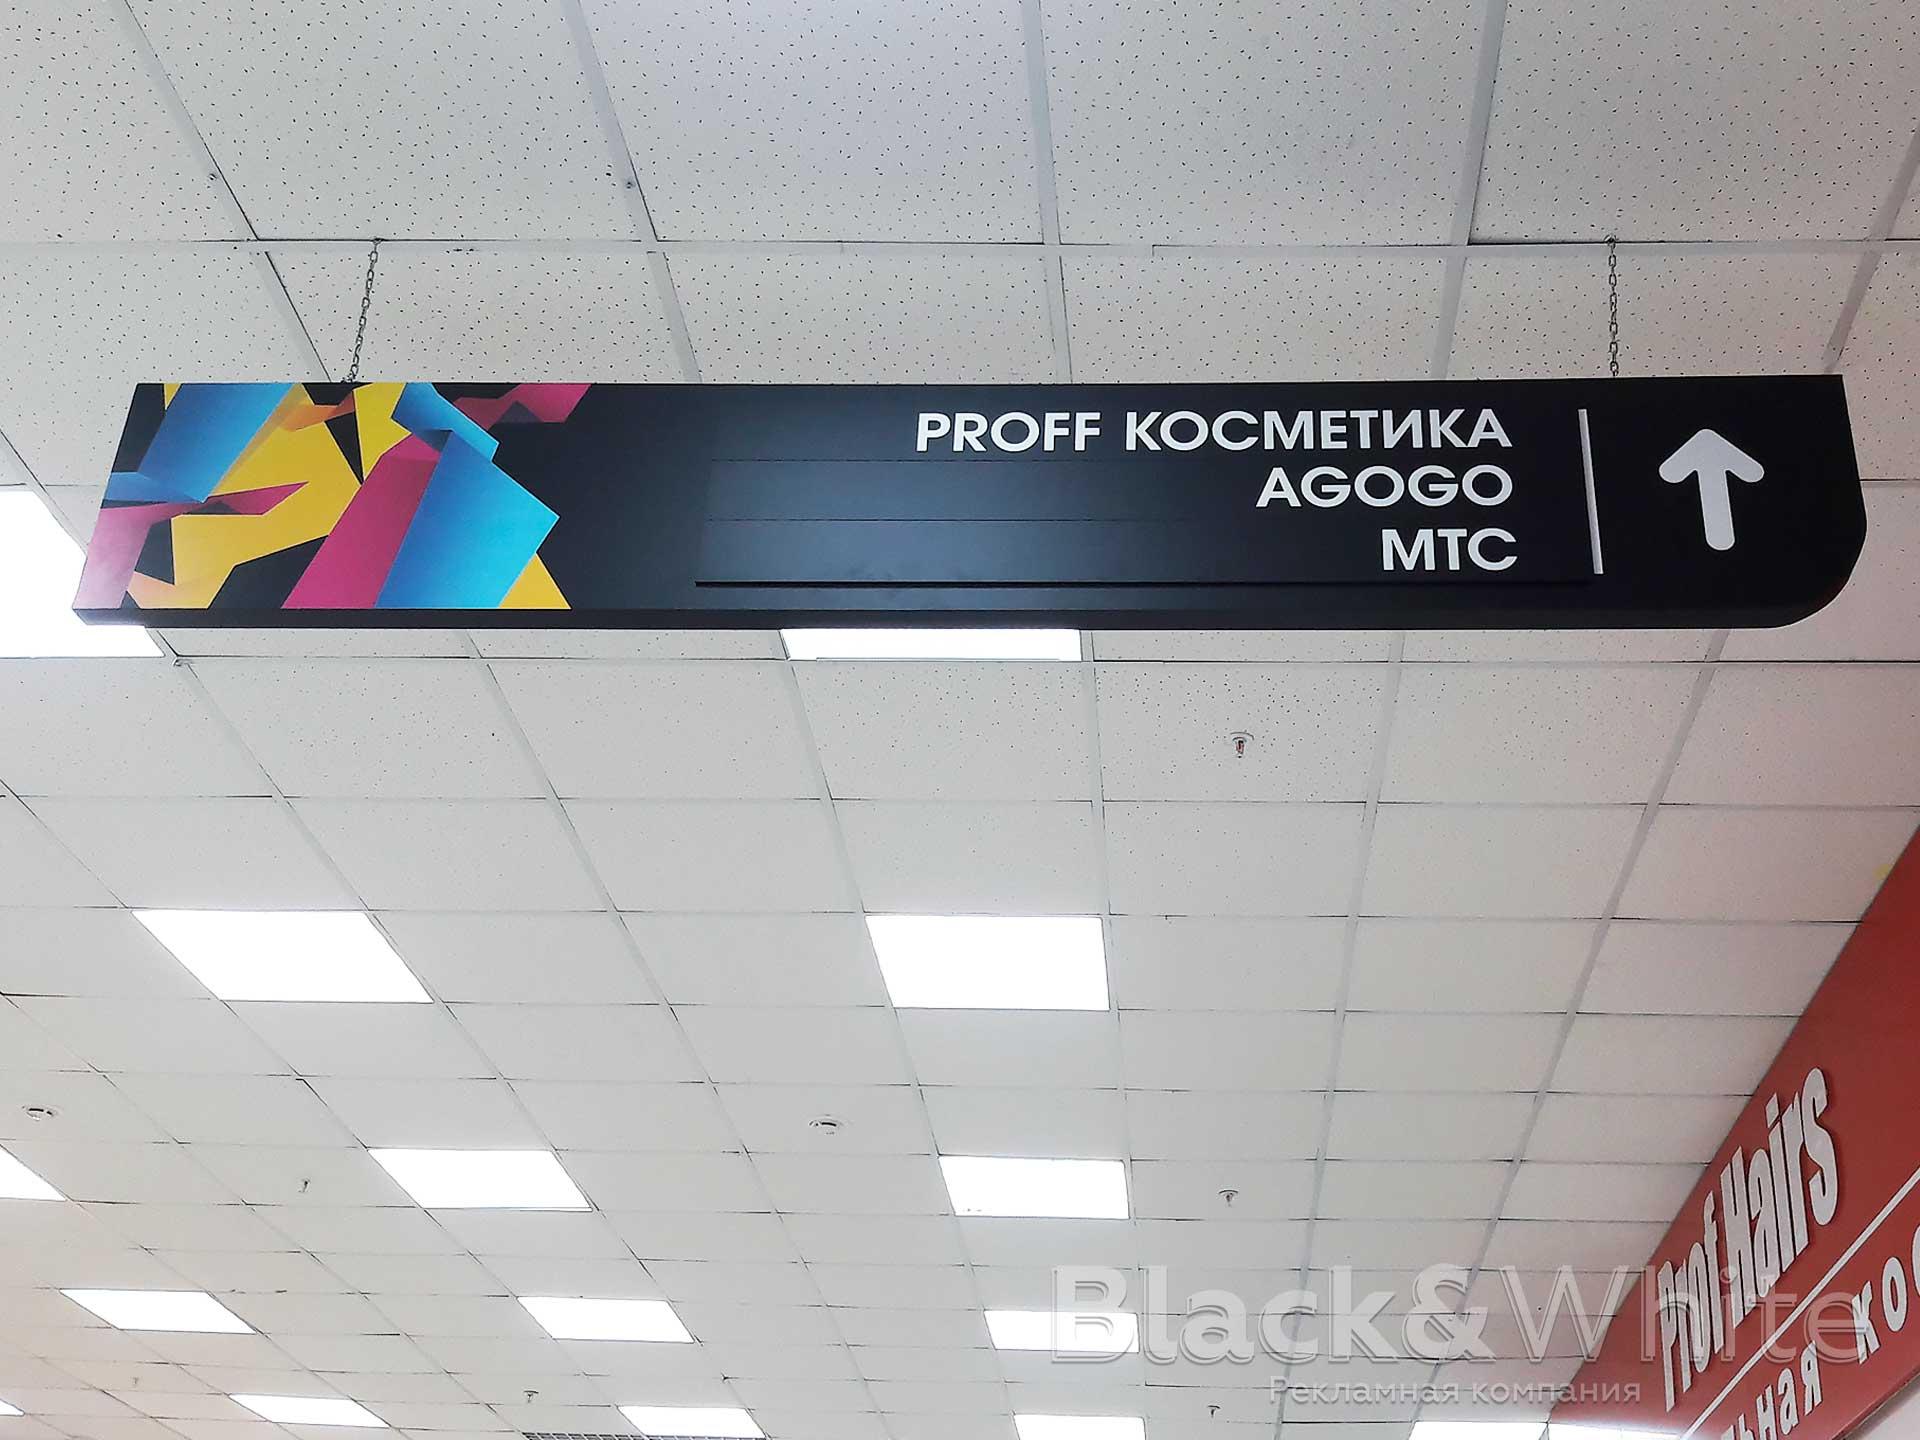 Навигационные-указатели-в-торговый-центр-Красноярск-bw.jpg